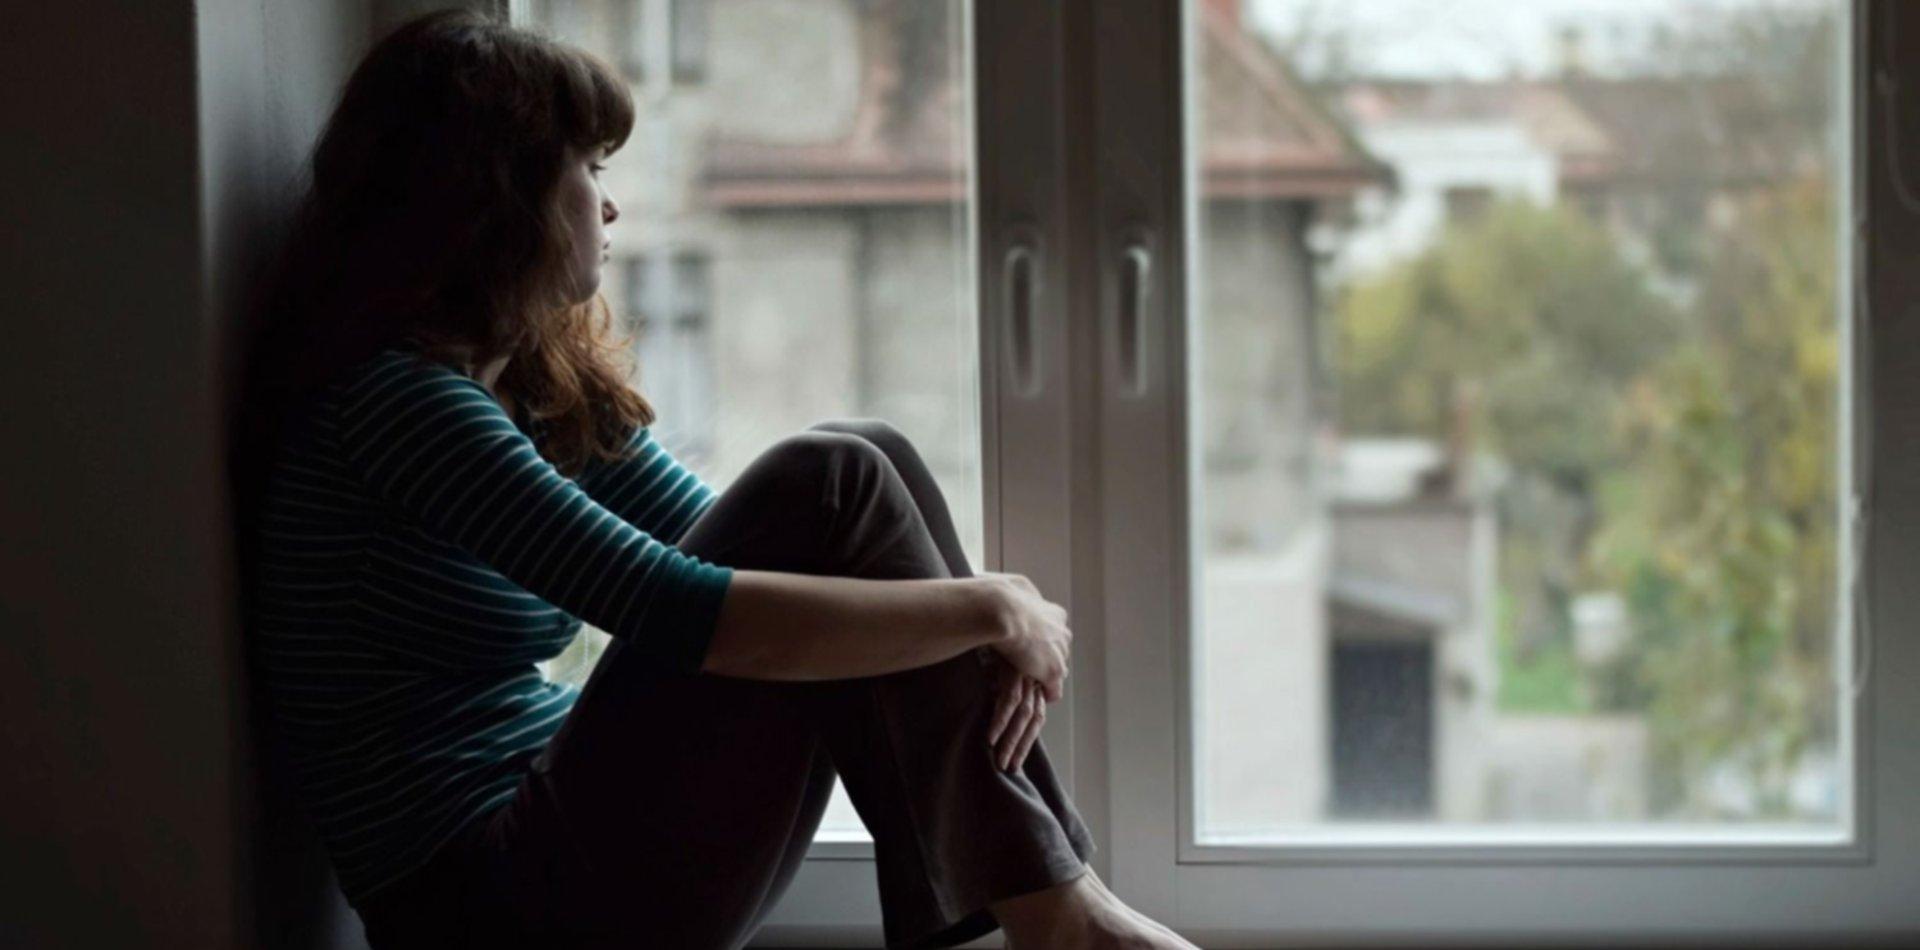 La UNLP puso el foco en la salud mental en los barrios de La Plata por la cuarentena